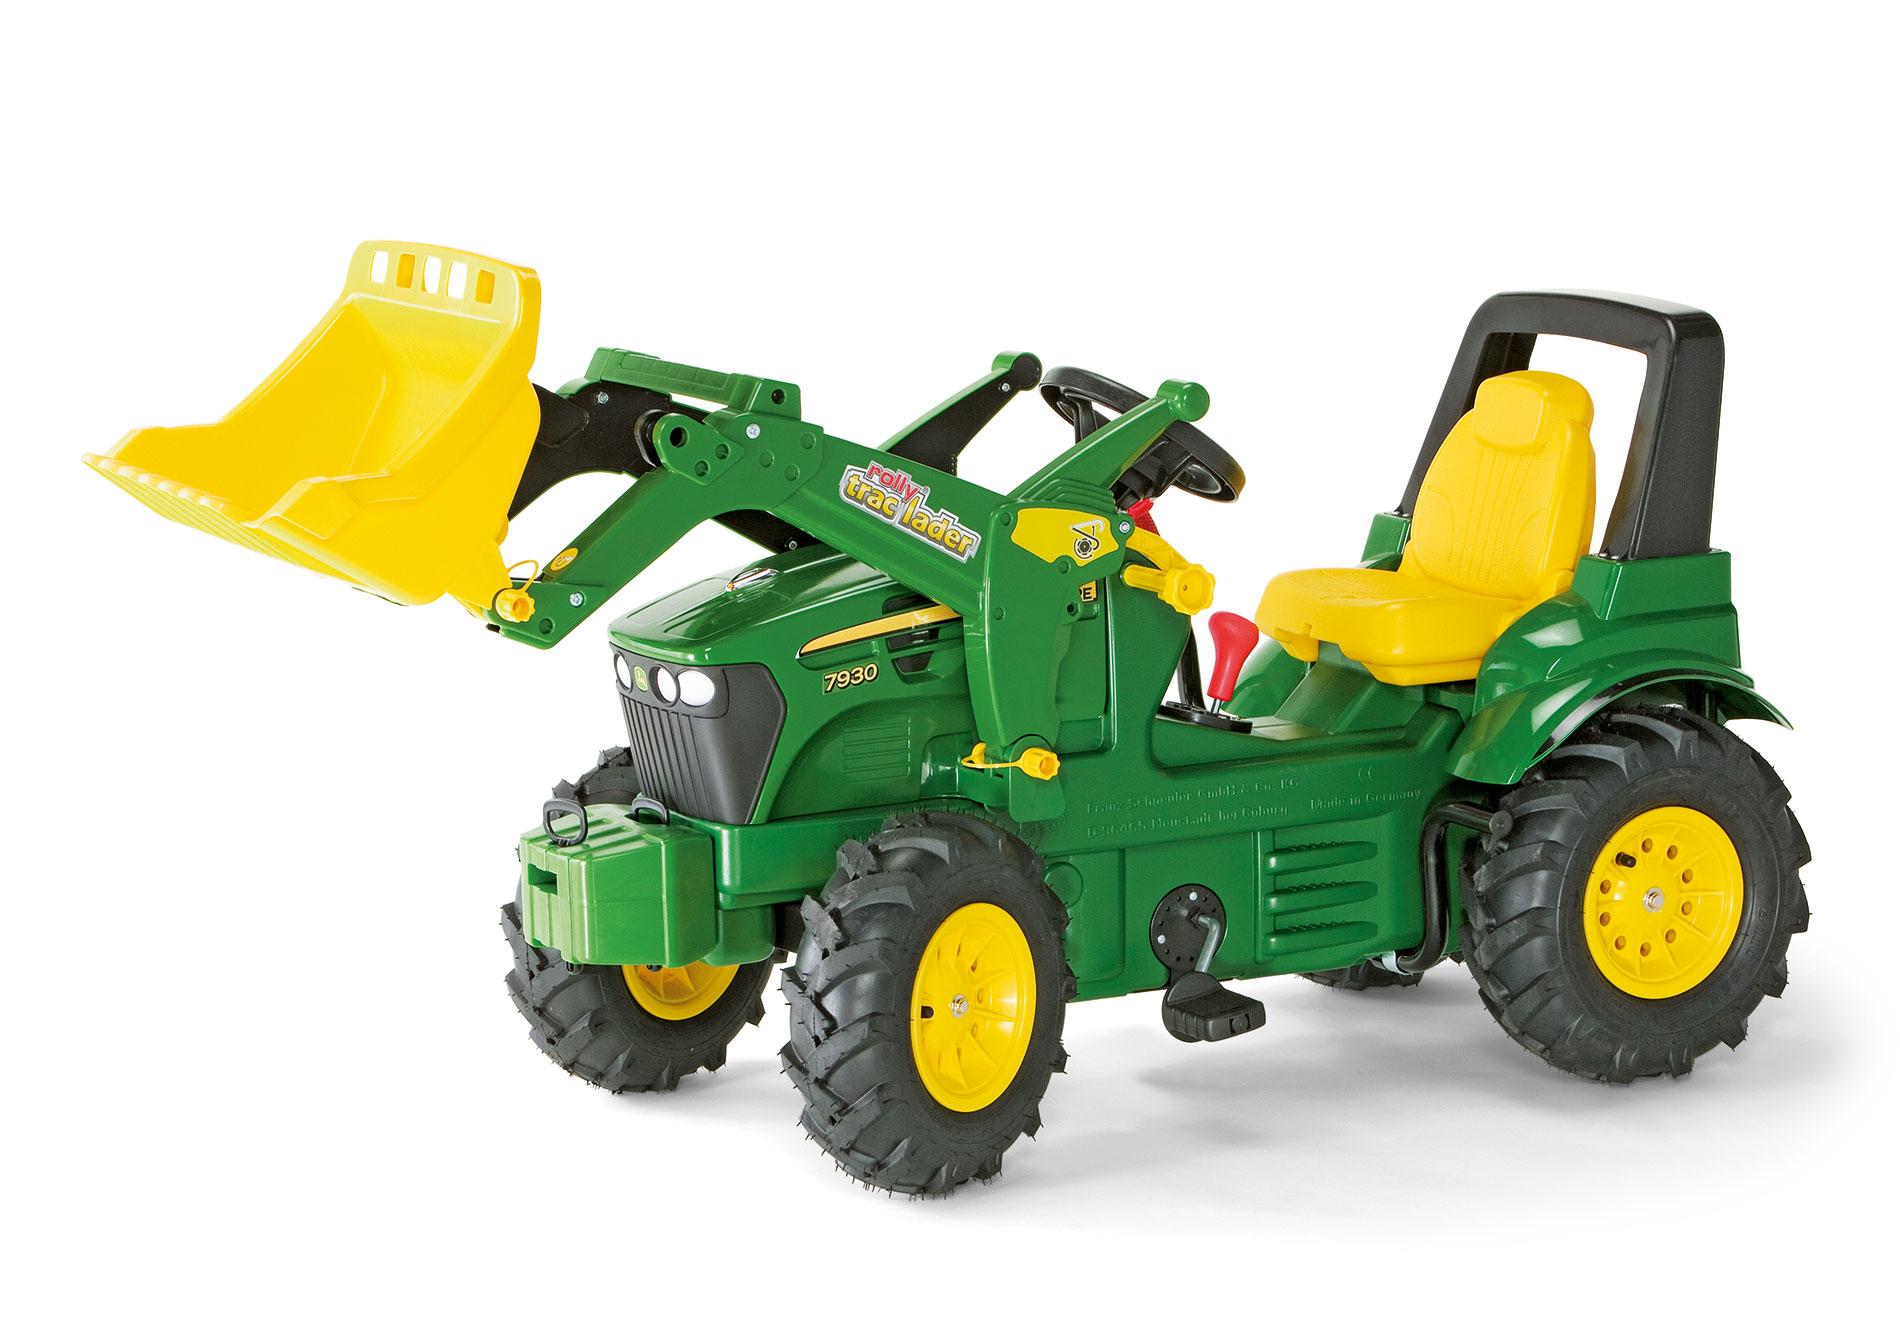 Tractor de pedales john deere 7930 extra